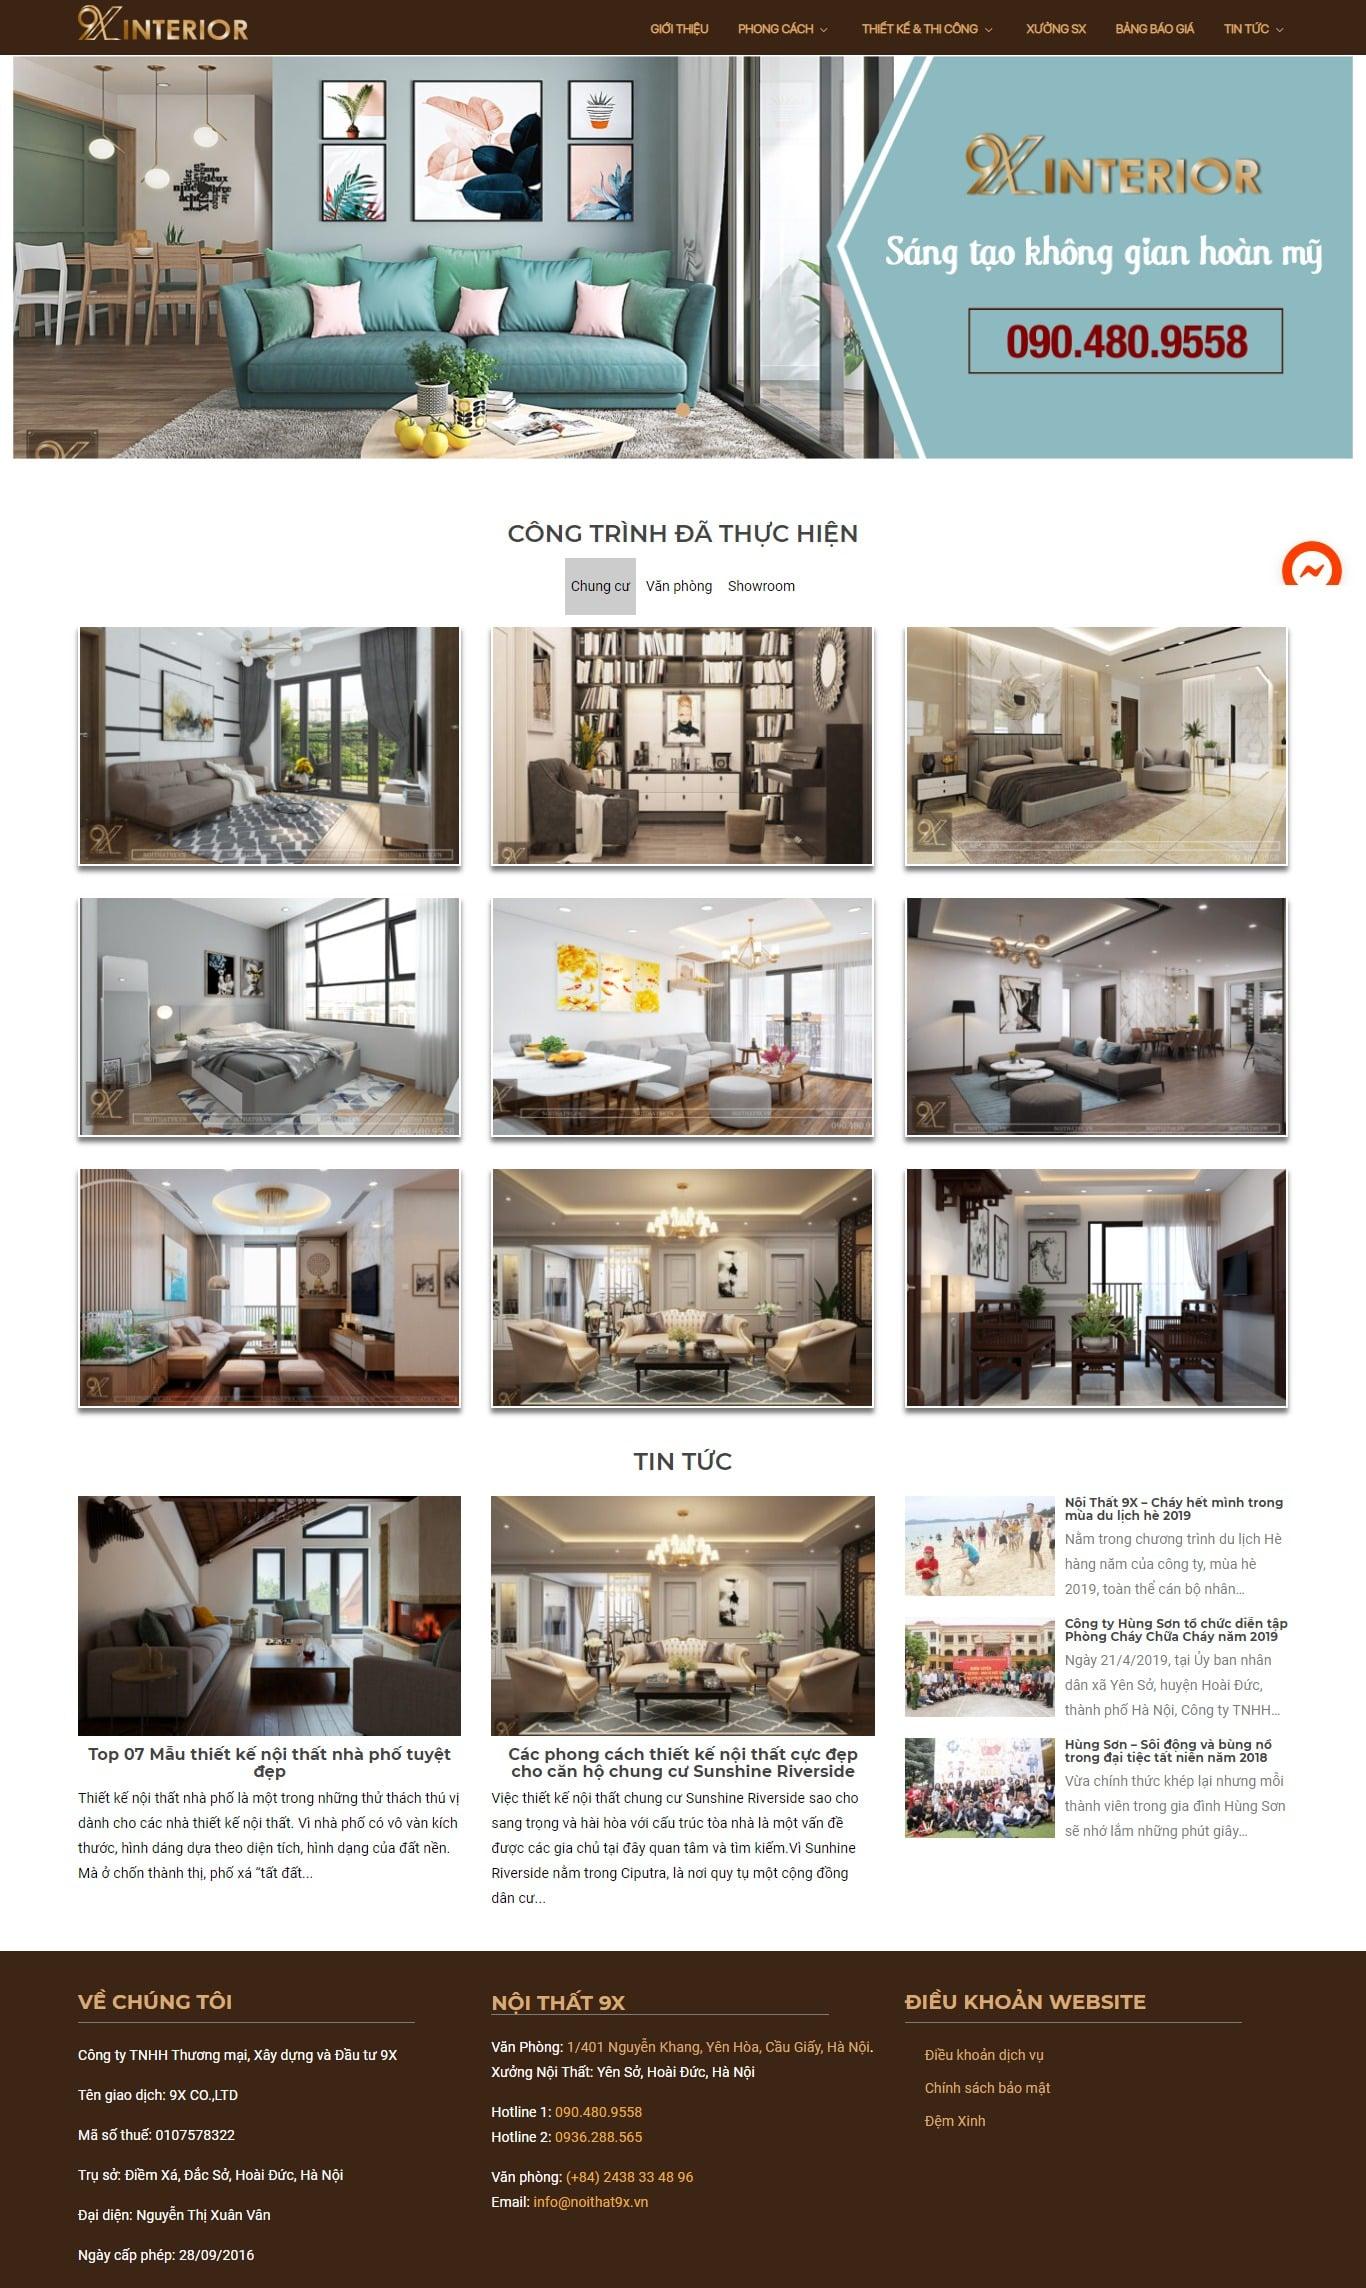 Mẫu thiết kế website bán hàng -noithat9x.vn Nội Thất 9X – Công Ty Thiết Kế, Thi Công Nội Thất